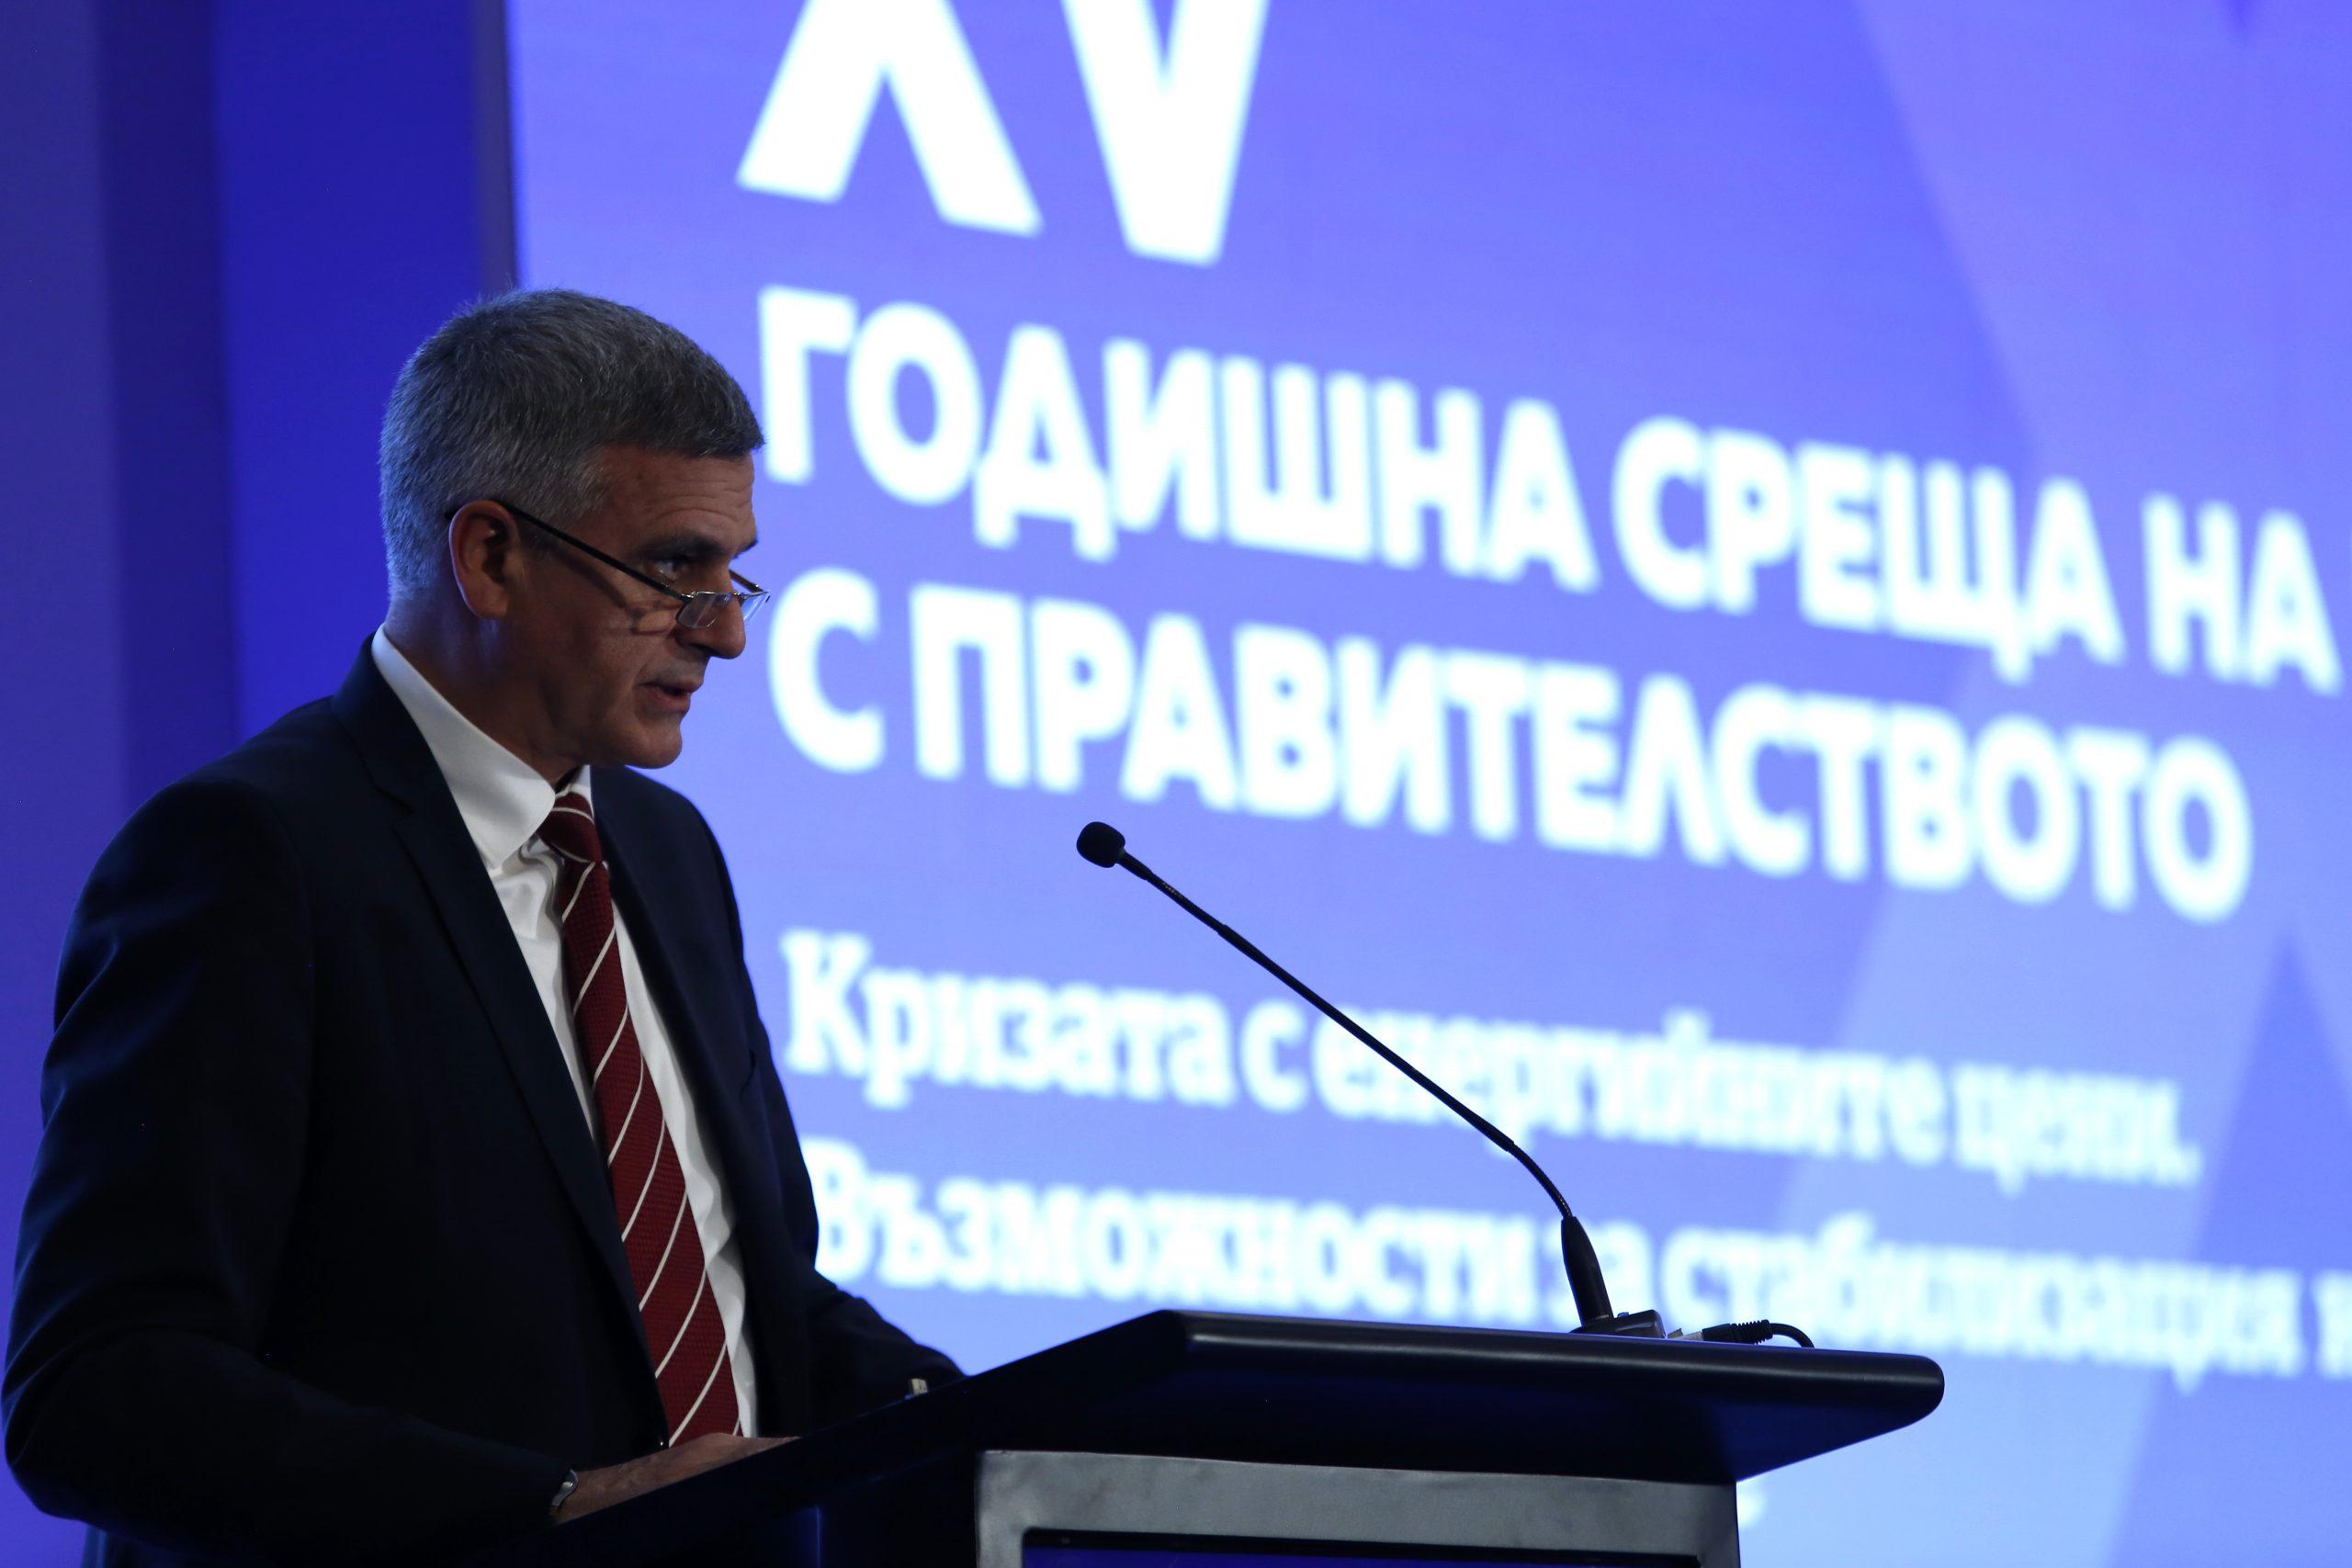 Премиерът Янев: Европейската зелена сделка е необходима инвестиция